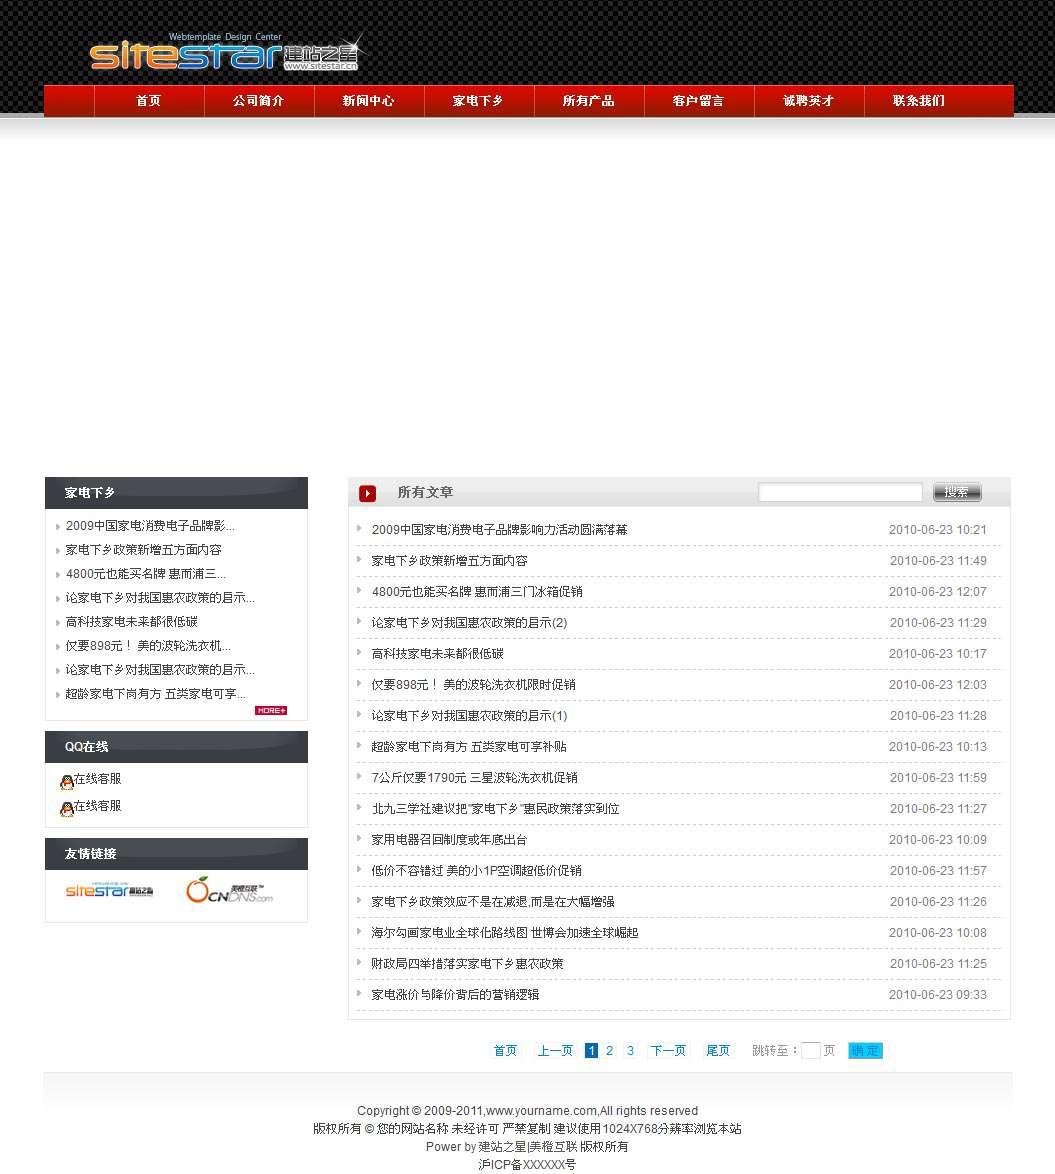 企业网站-家用电器A12模板列表页面